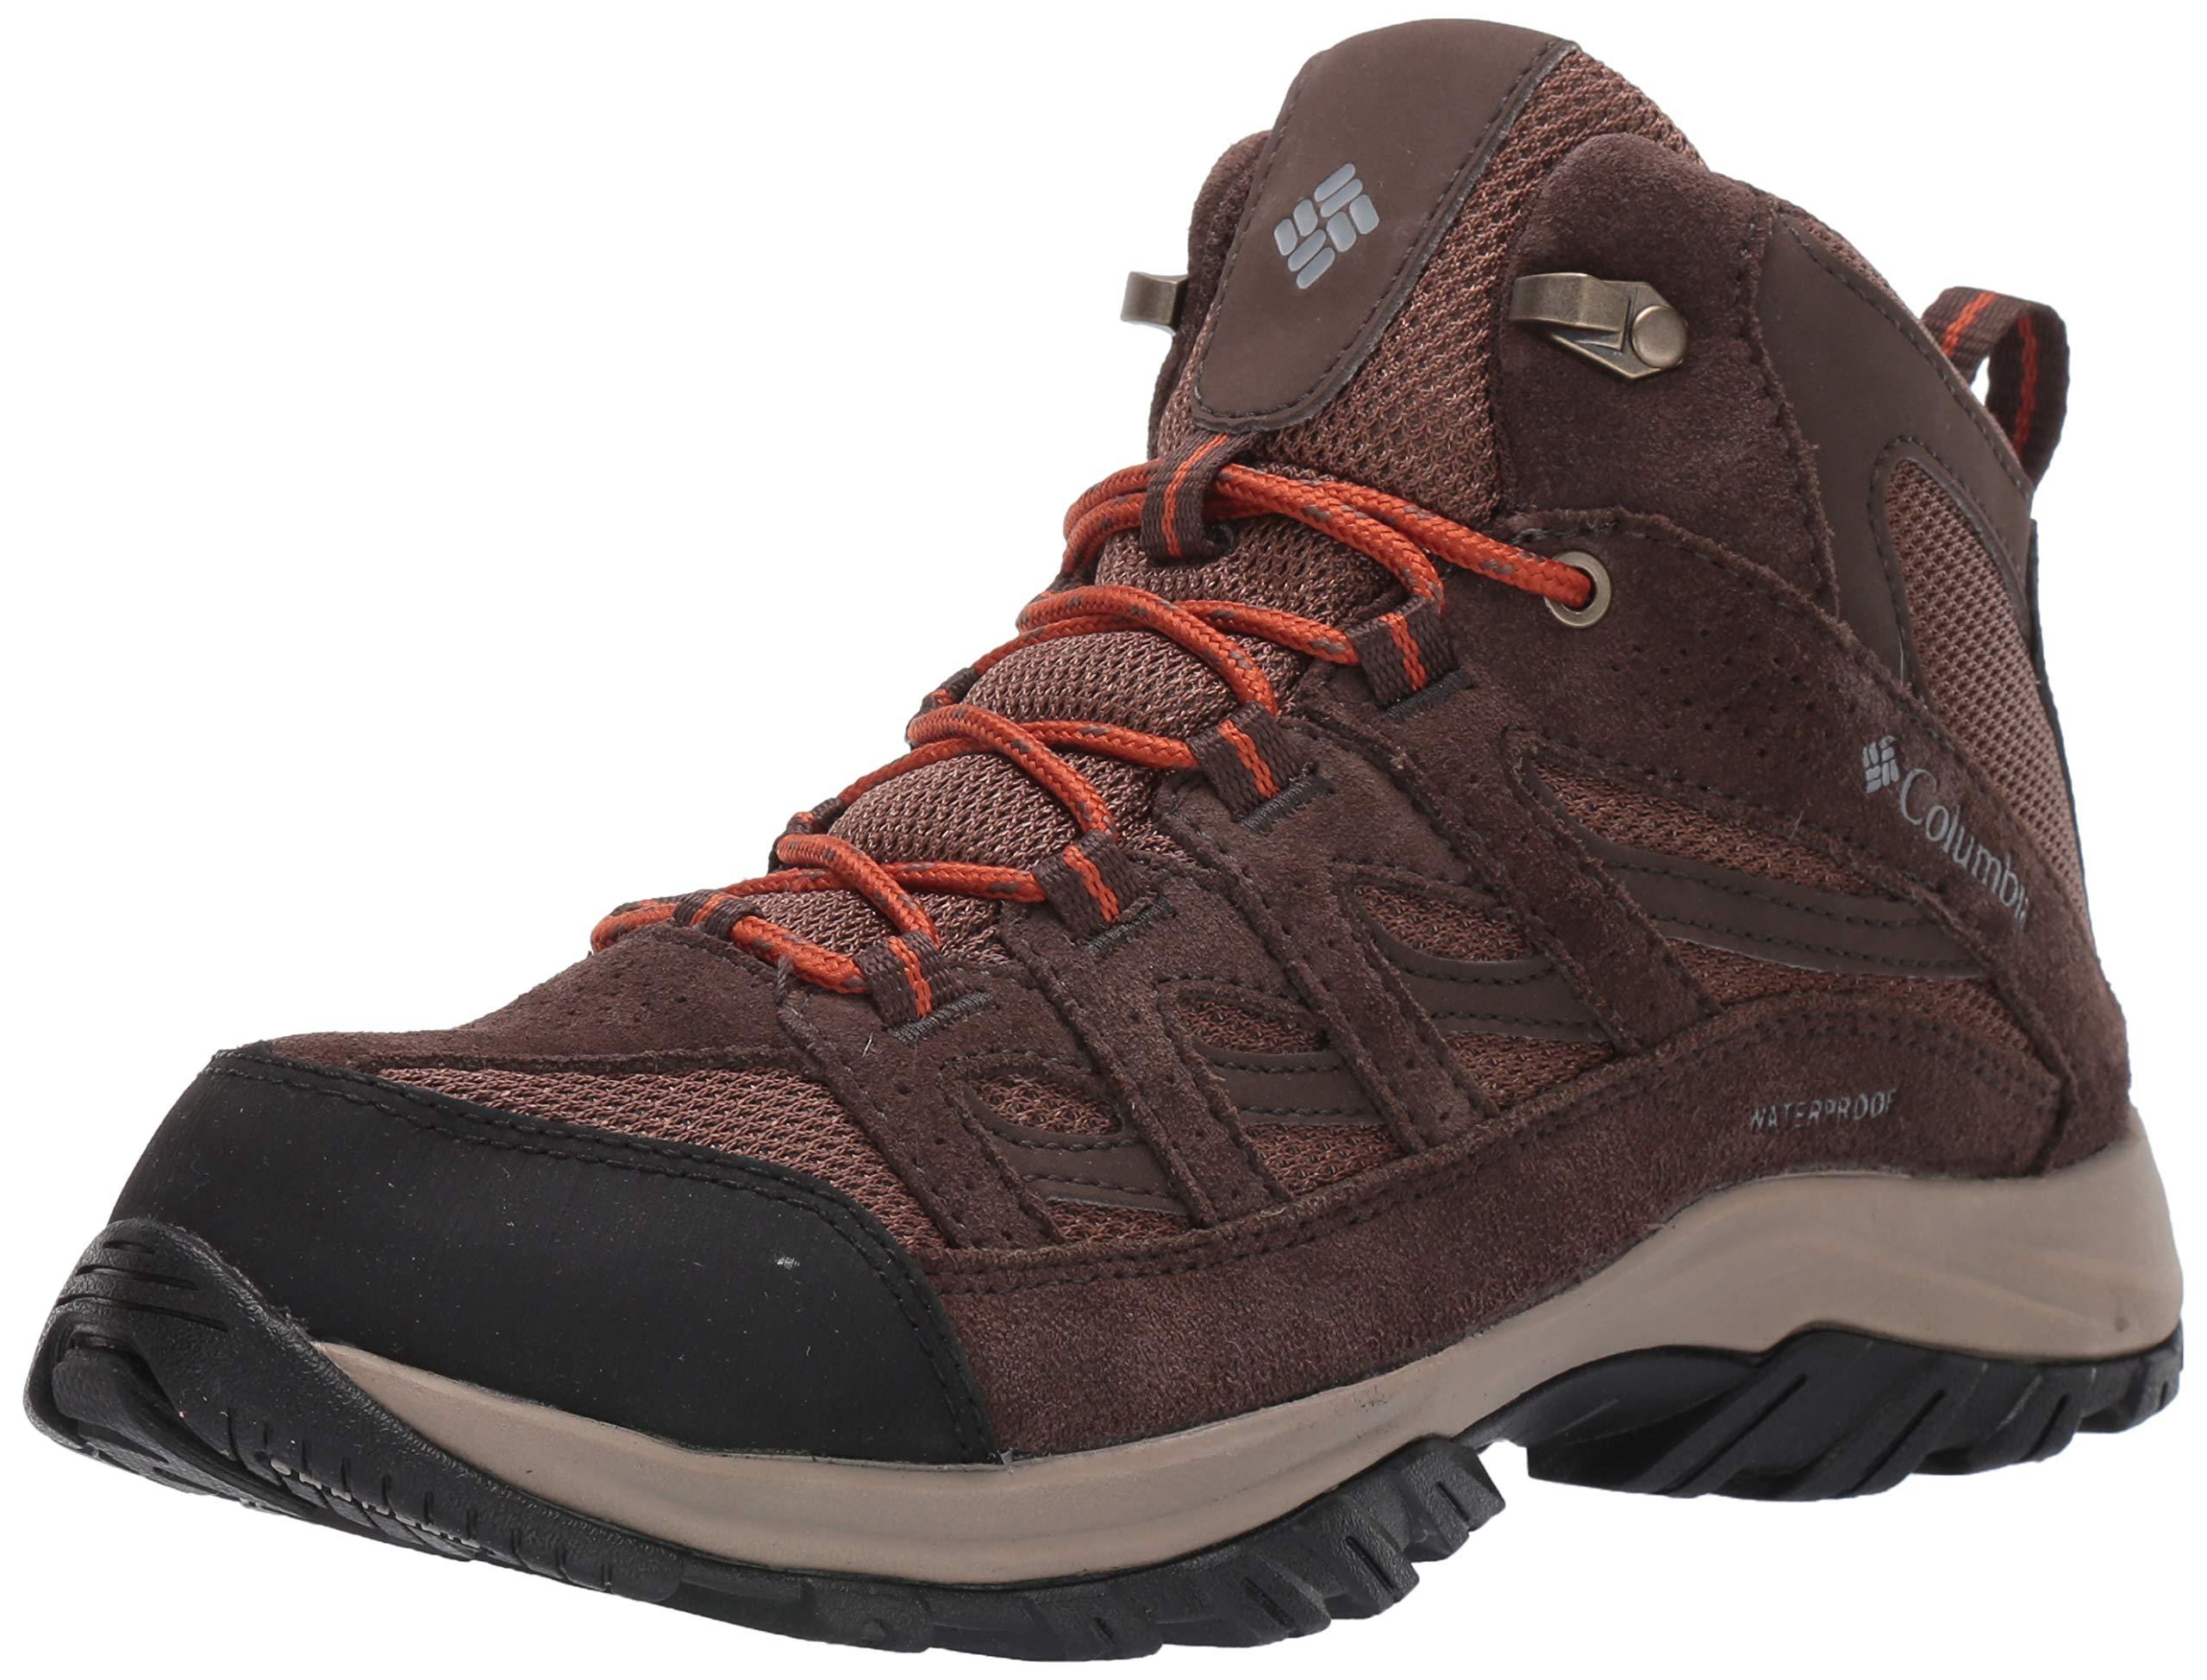 Columbia Men's Crestwood MID Waterproof Hiking Shoe, Brown, Dark Adobe, 15 Regular US by Columbia